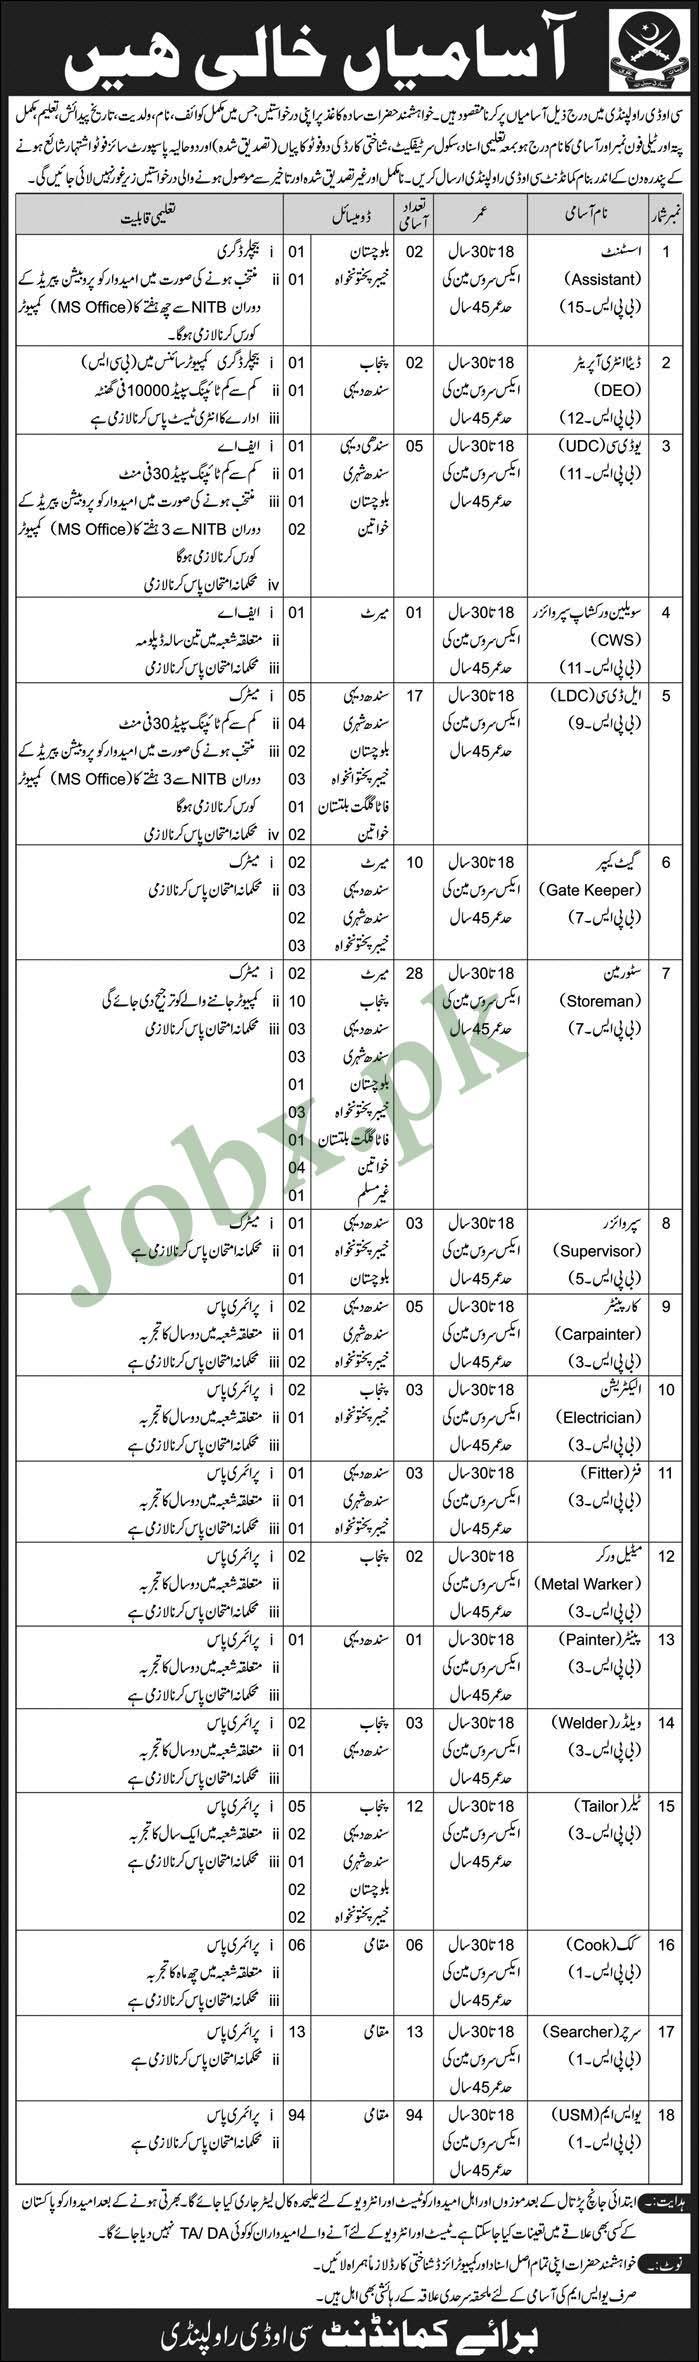 Jobs in COD Rawalpindi for All Pakistan 10 Feb 2019